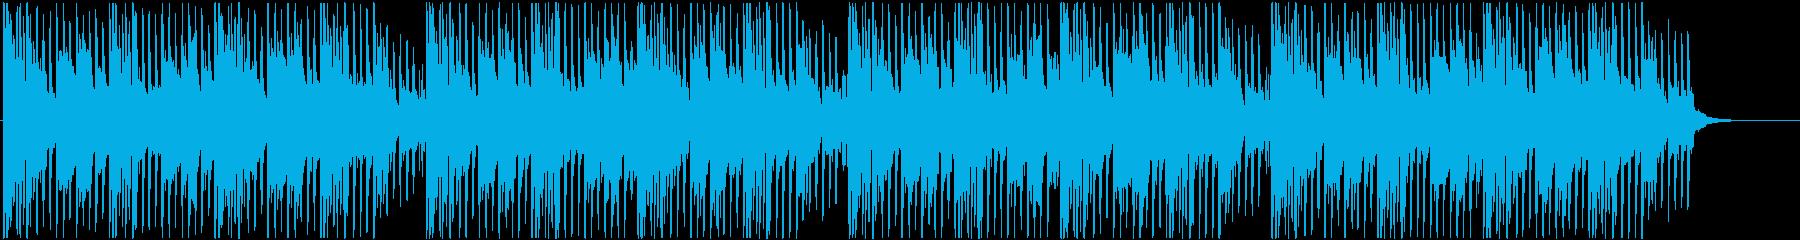 ポップ系 ピアノとアコギの爽やか四つ打ちの再生済みの波形